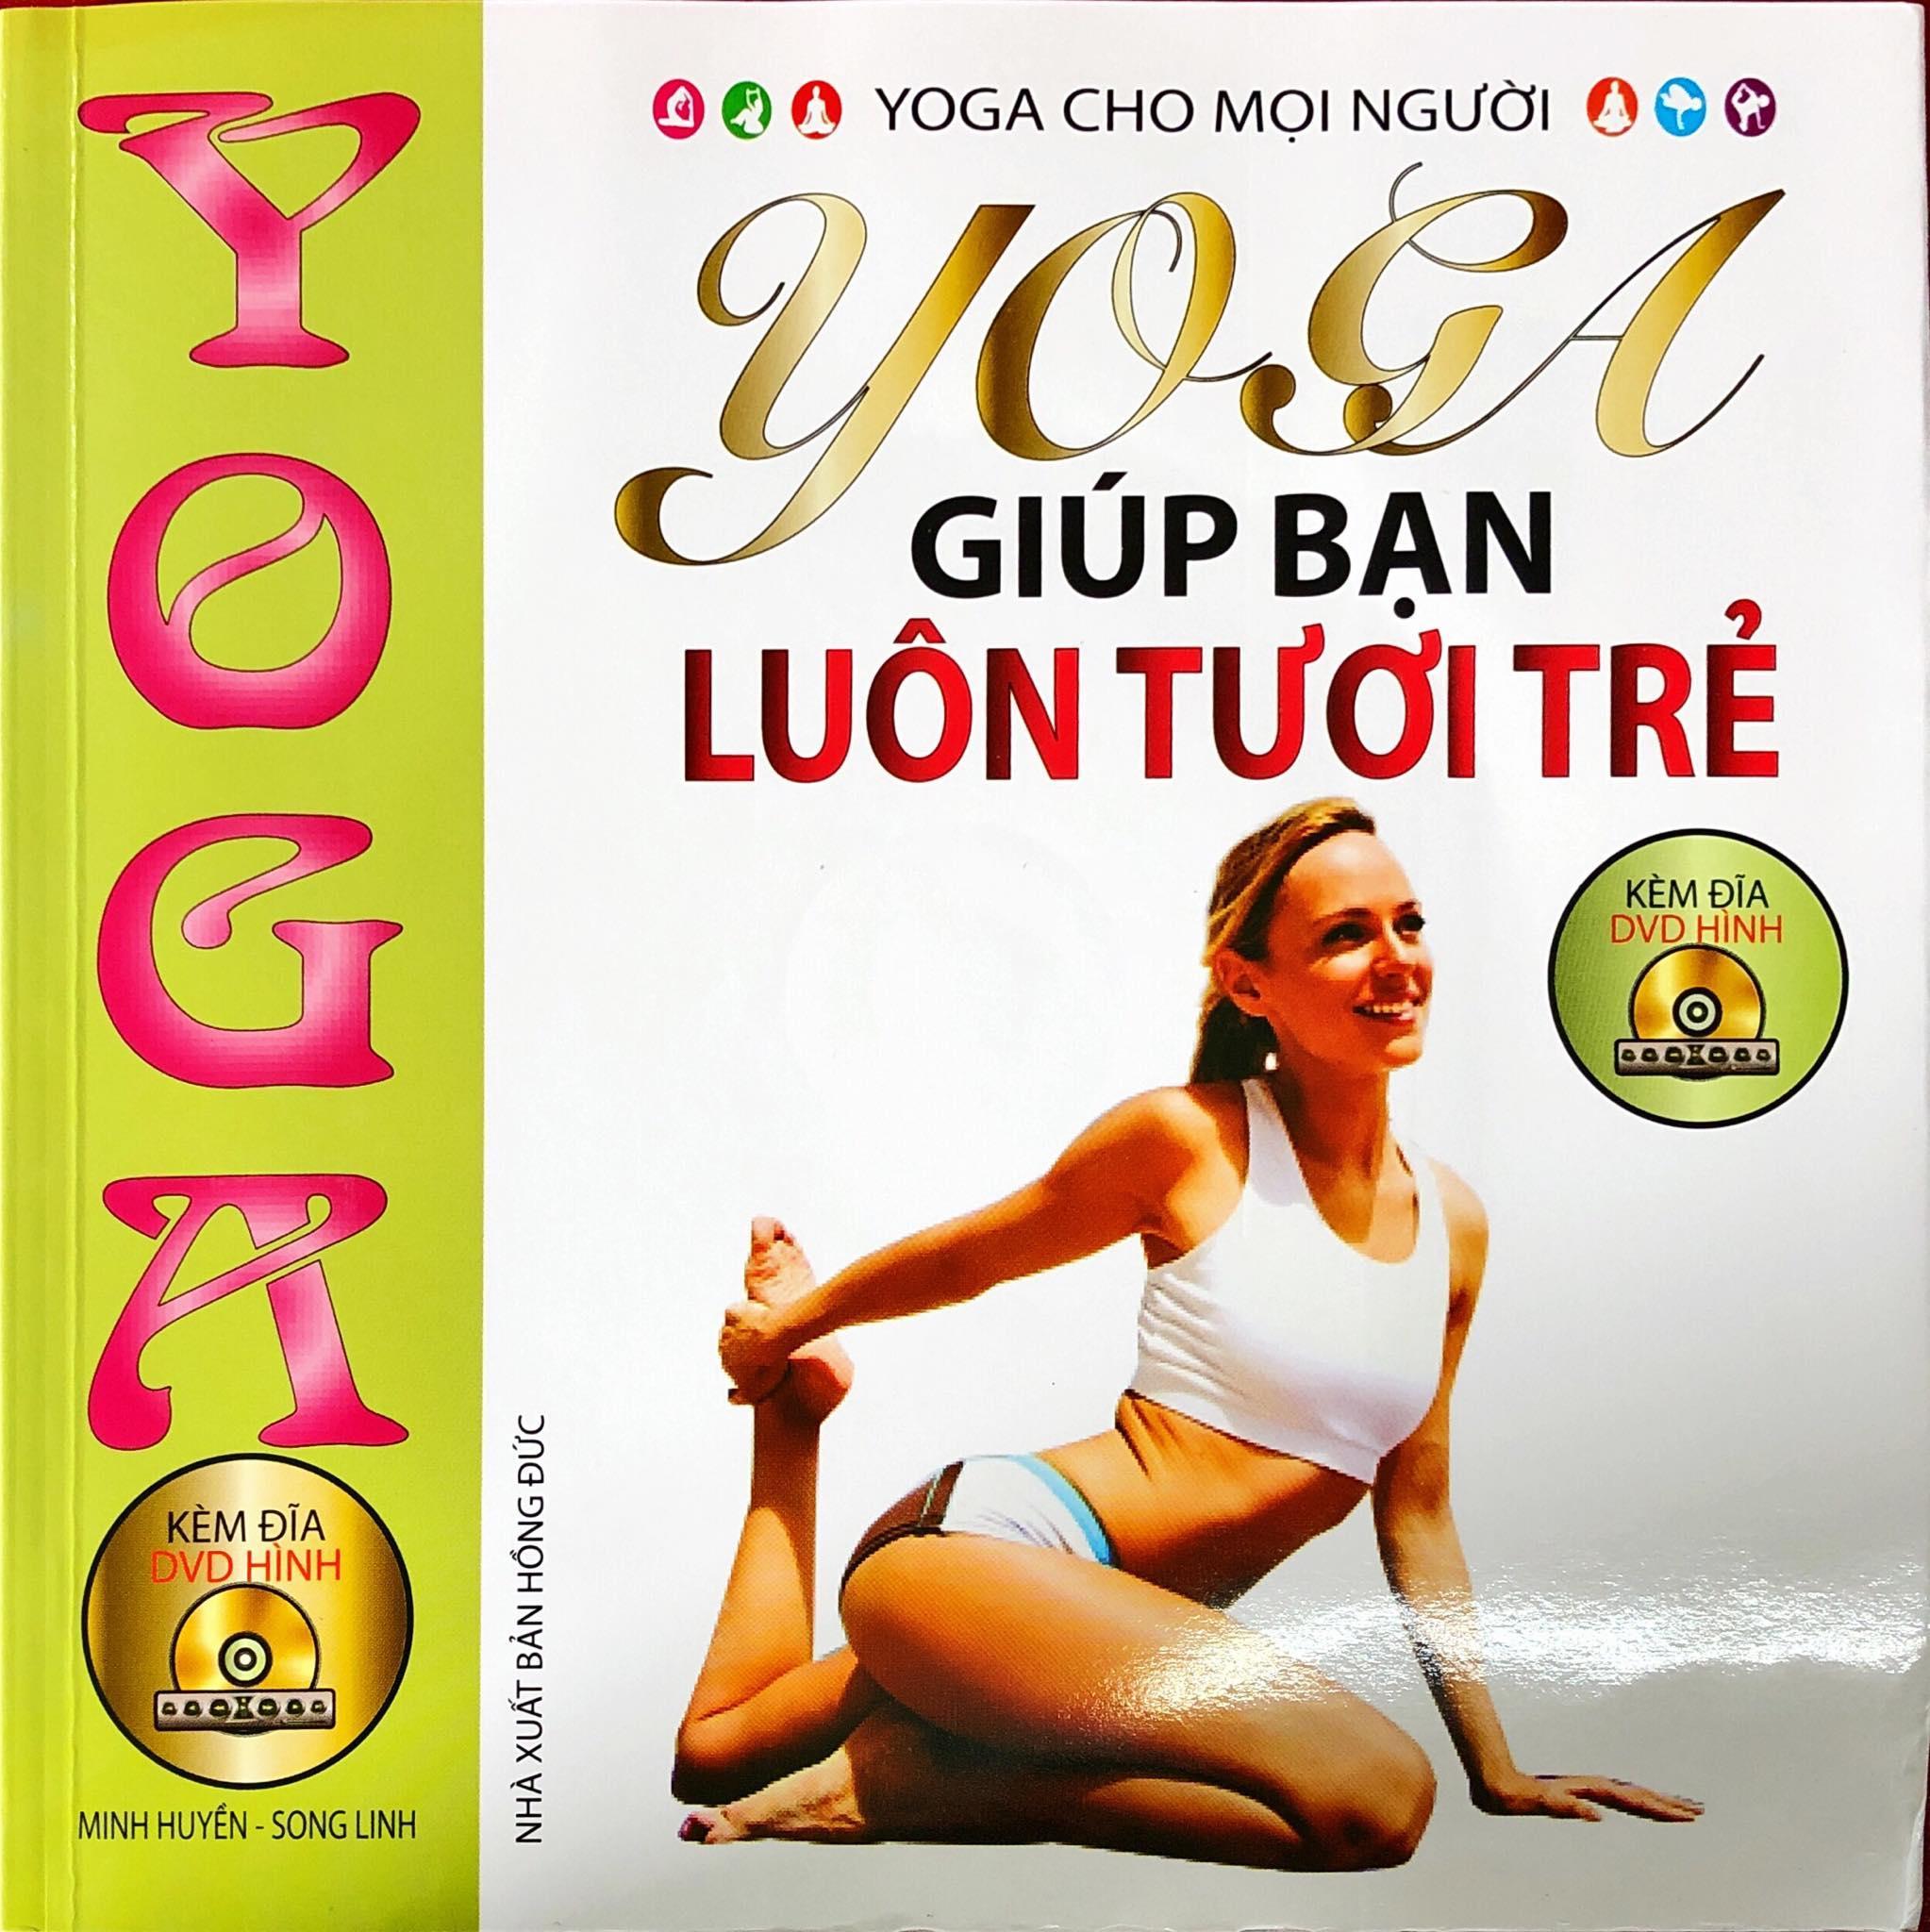 Mua SÁCH - Yoga Giúp Bạn Luôn Tươi Trẻ (Tặng kèm đĩa DVD)